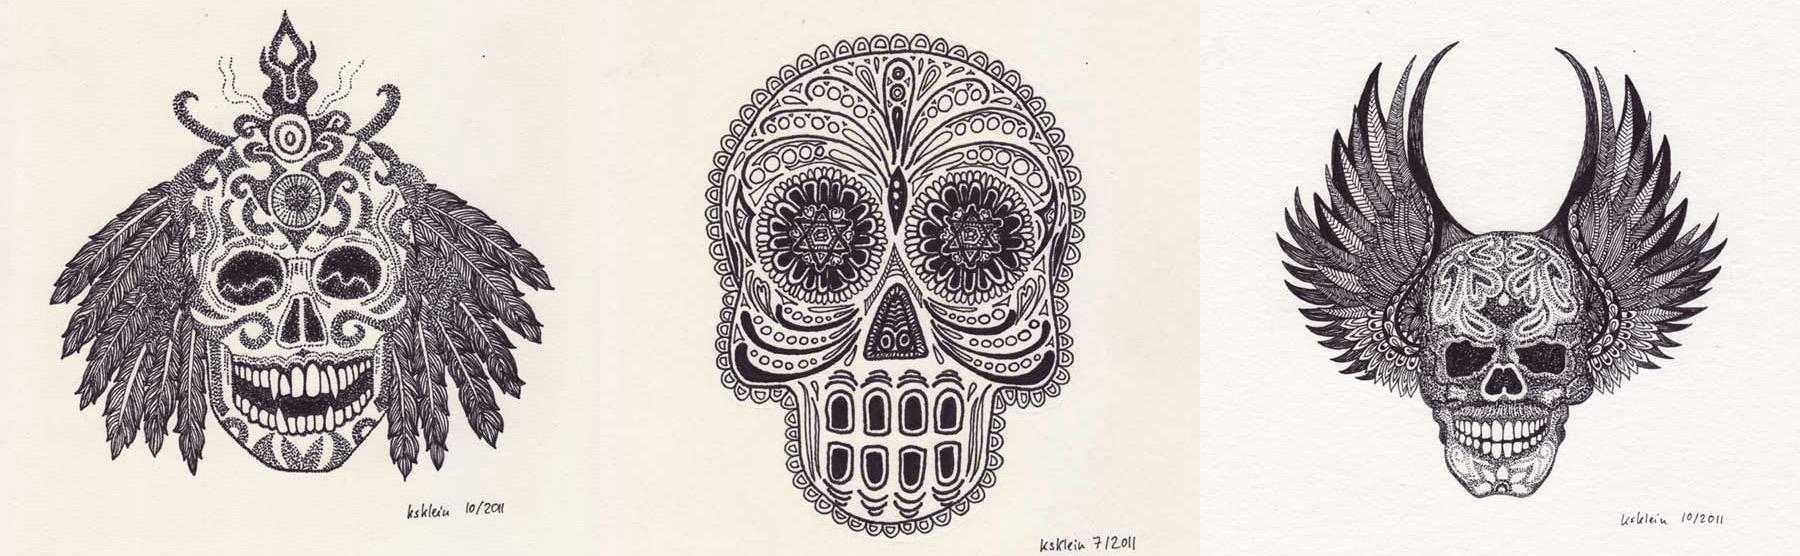 Skulls, Pigmenttusche auf Papier, © Kerstin Klein (2011)